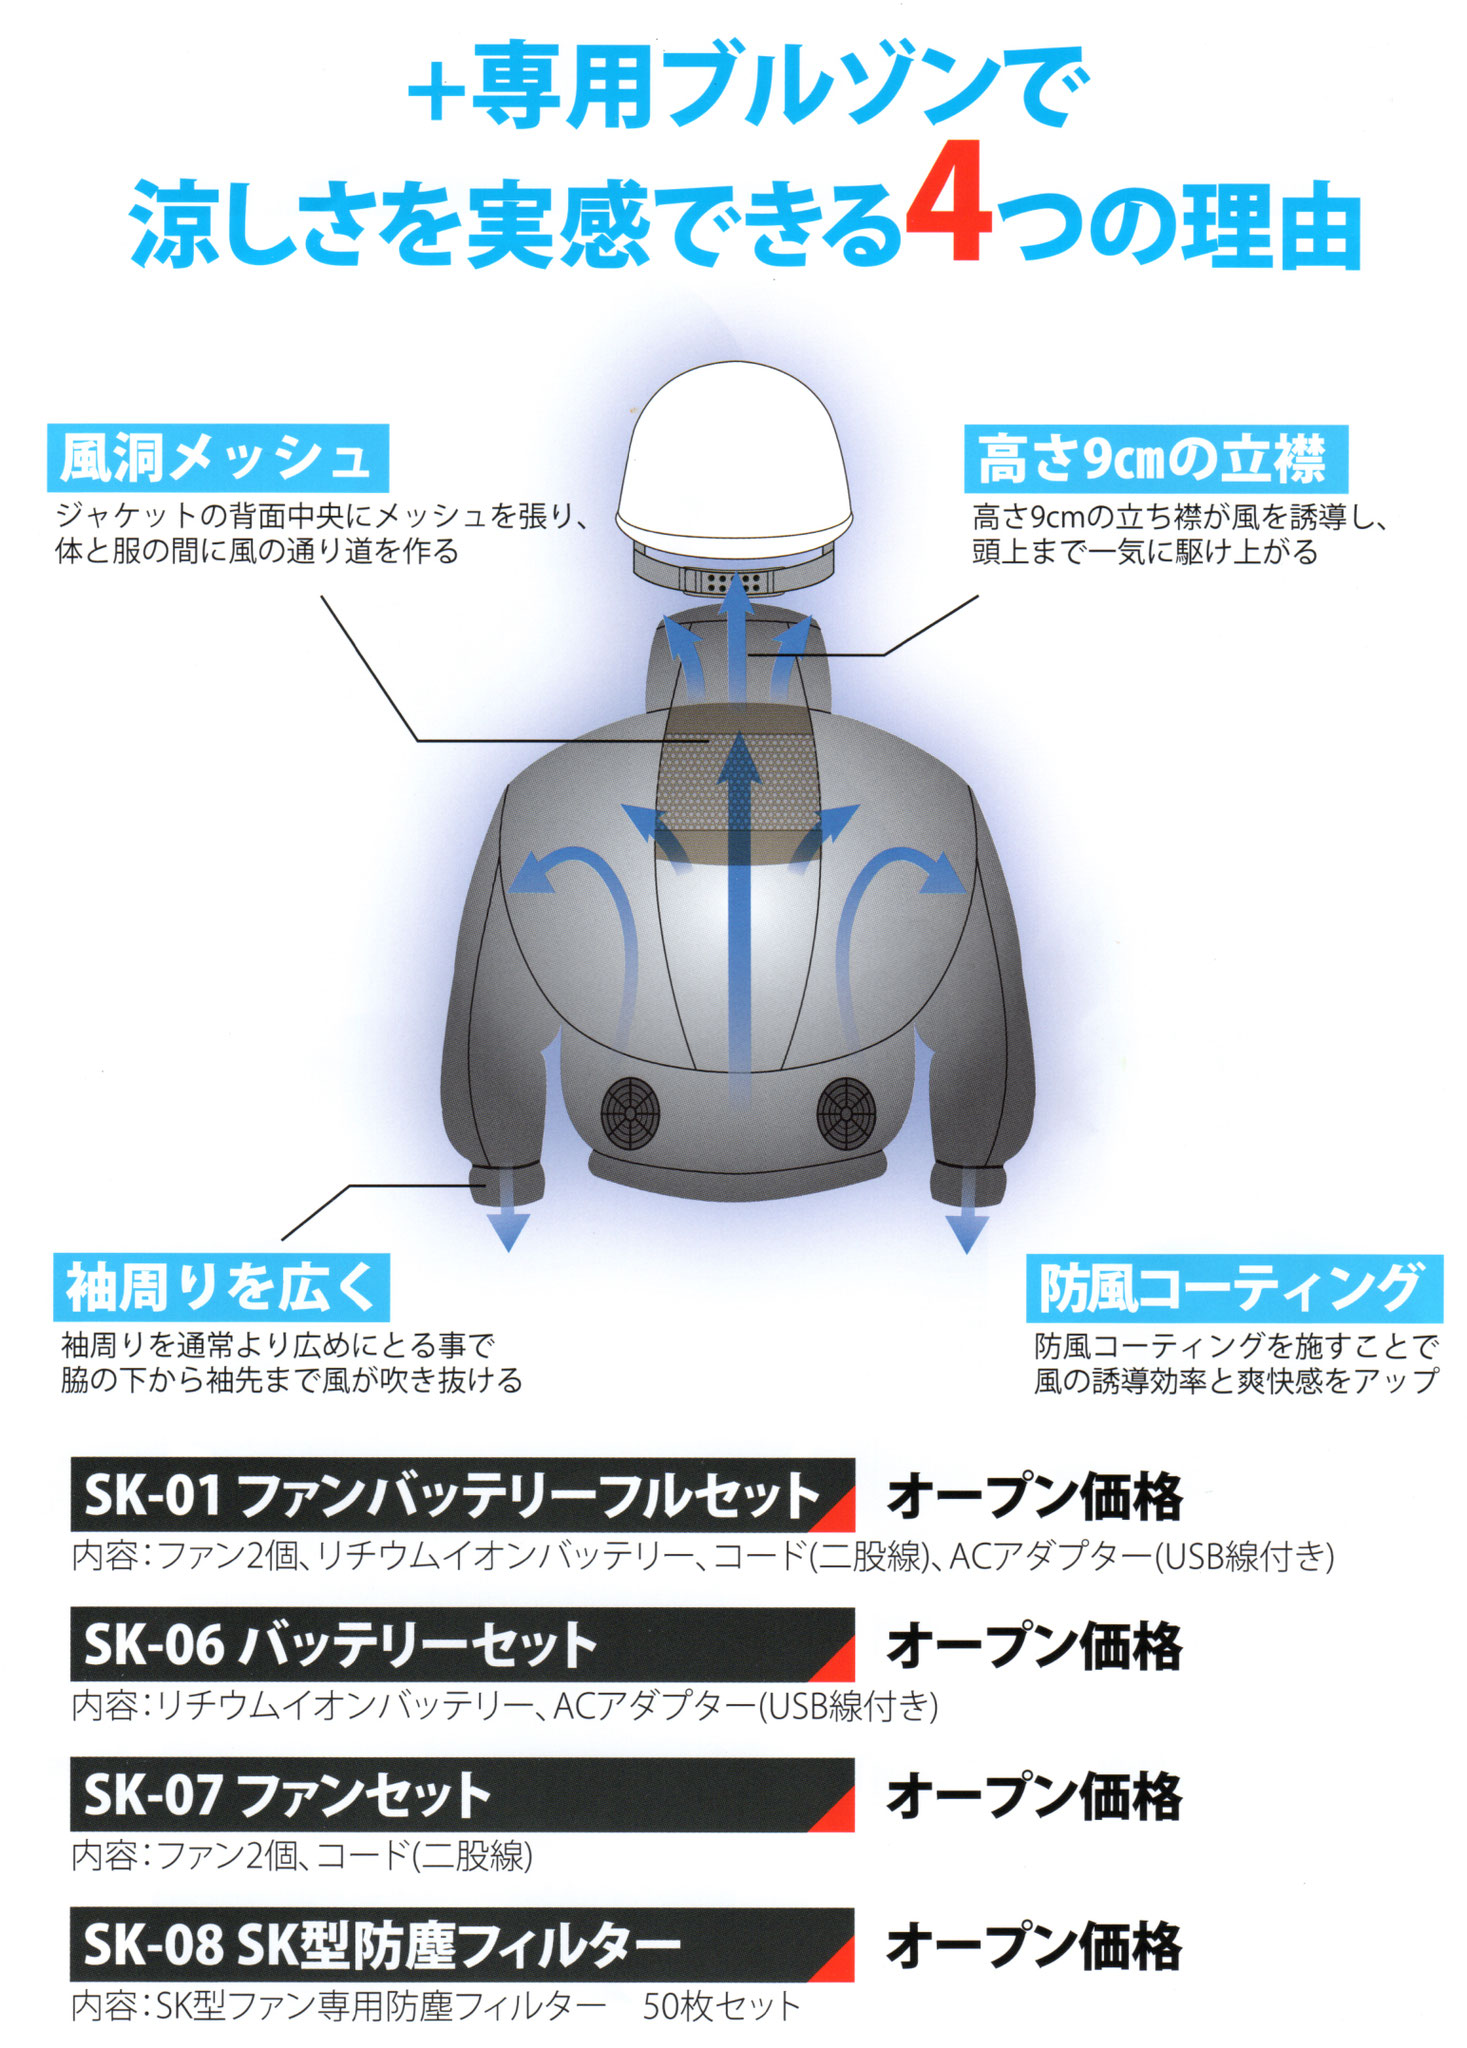 258601 空調ブルゾン ¥3,990(税込)涼しさを実現する、4つの秘密!!